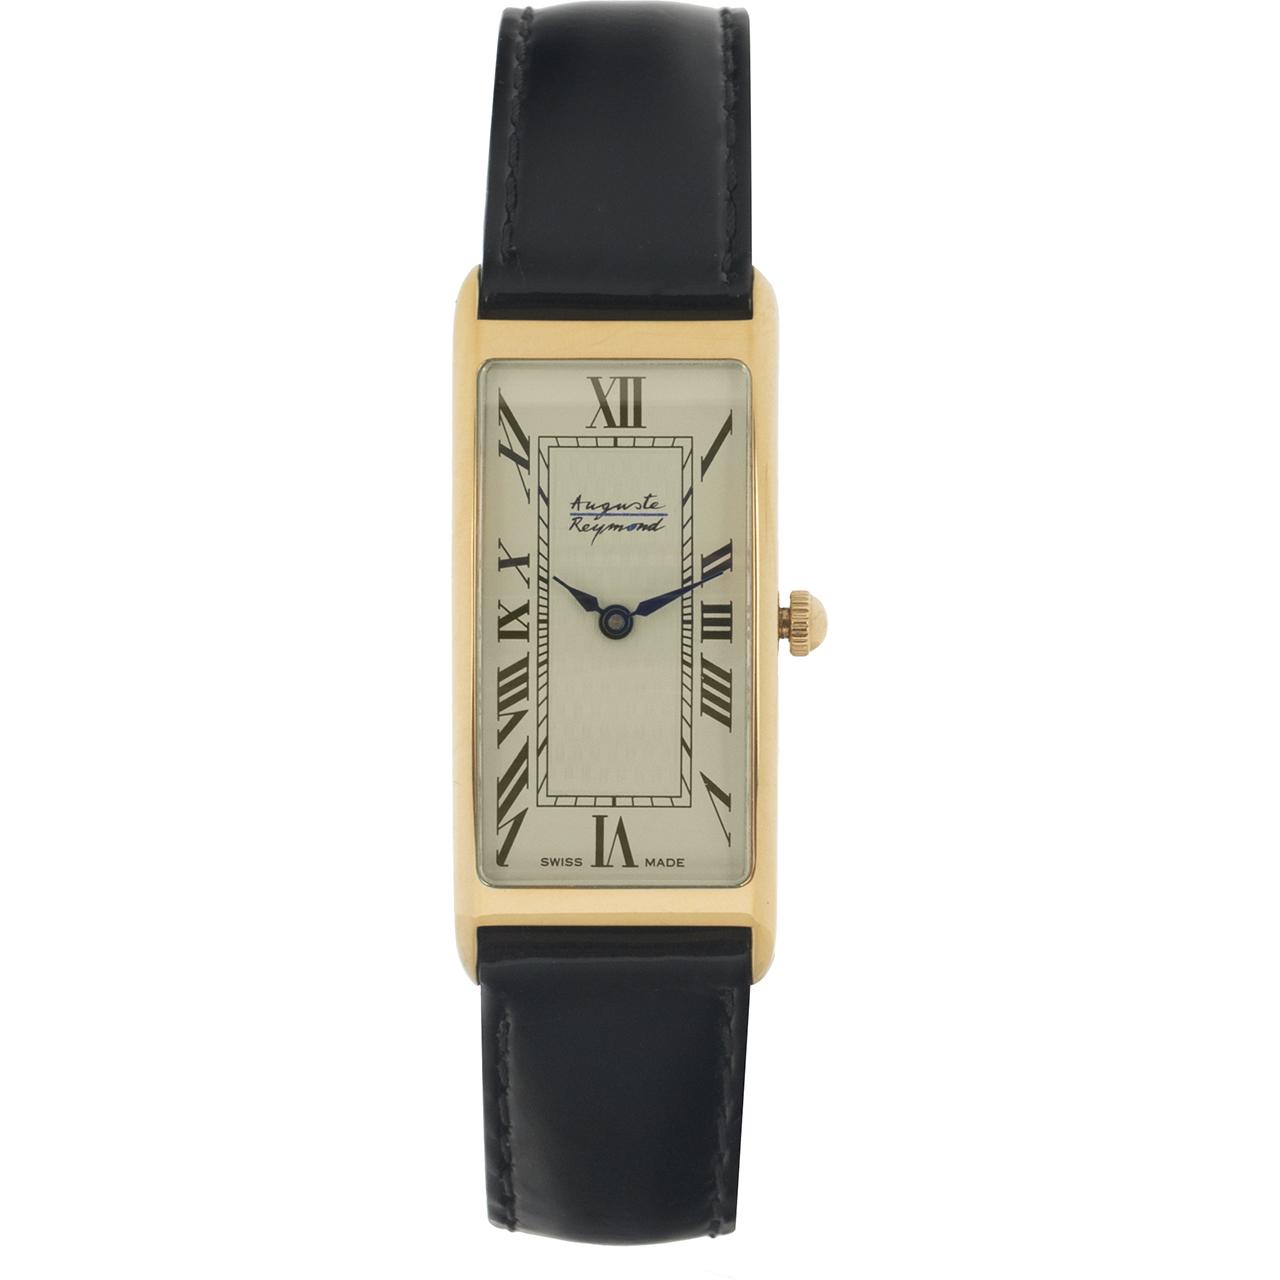 ساعت مچی عقربه ای زنانه آگوست ریموند مدل D418B900-46J